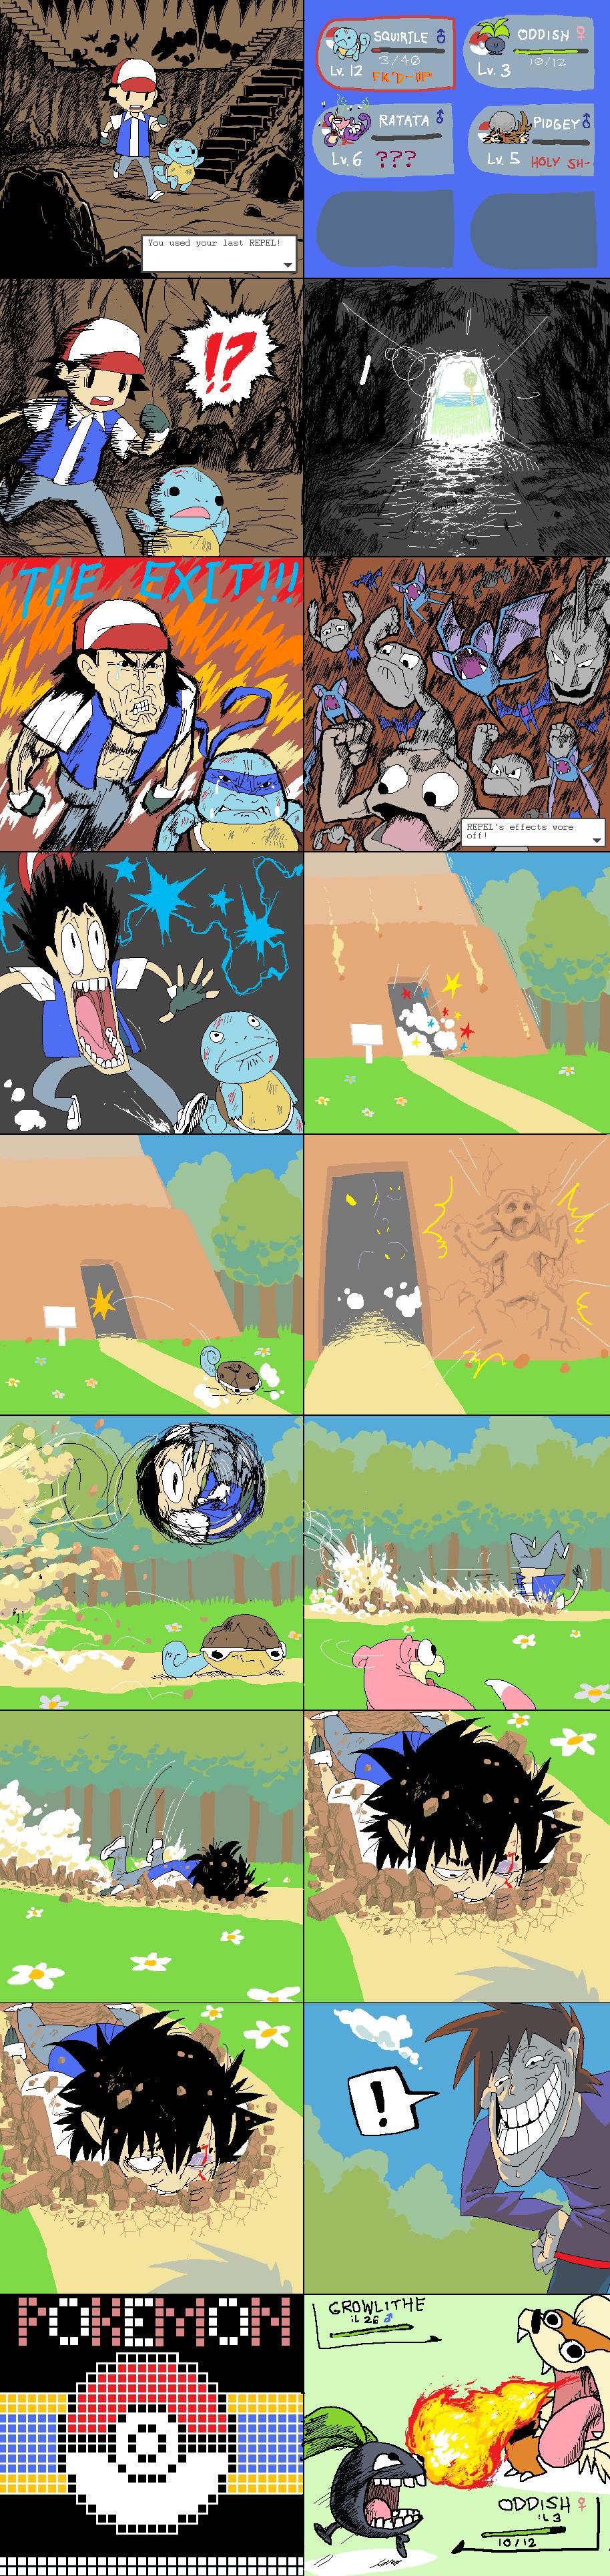 serie-images-pokemons-03